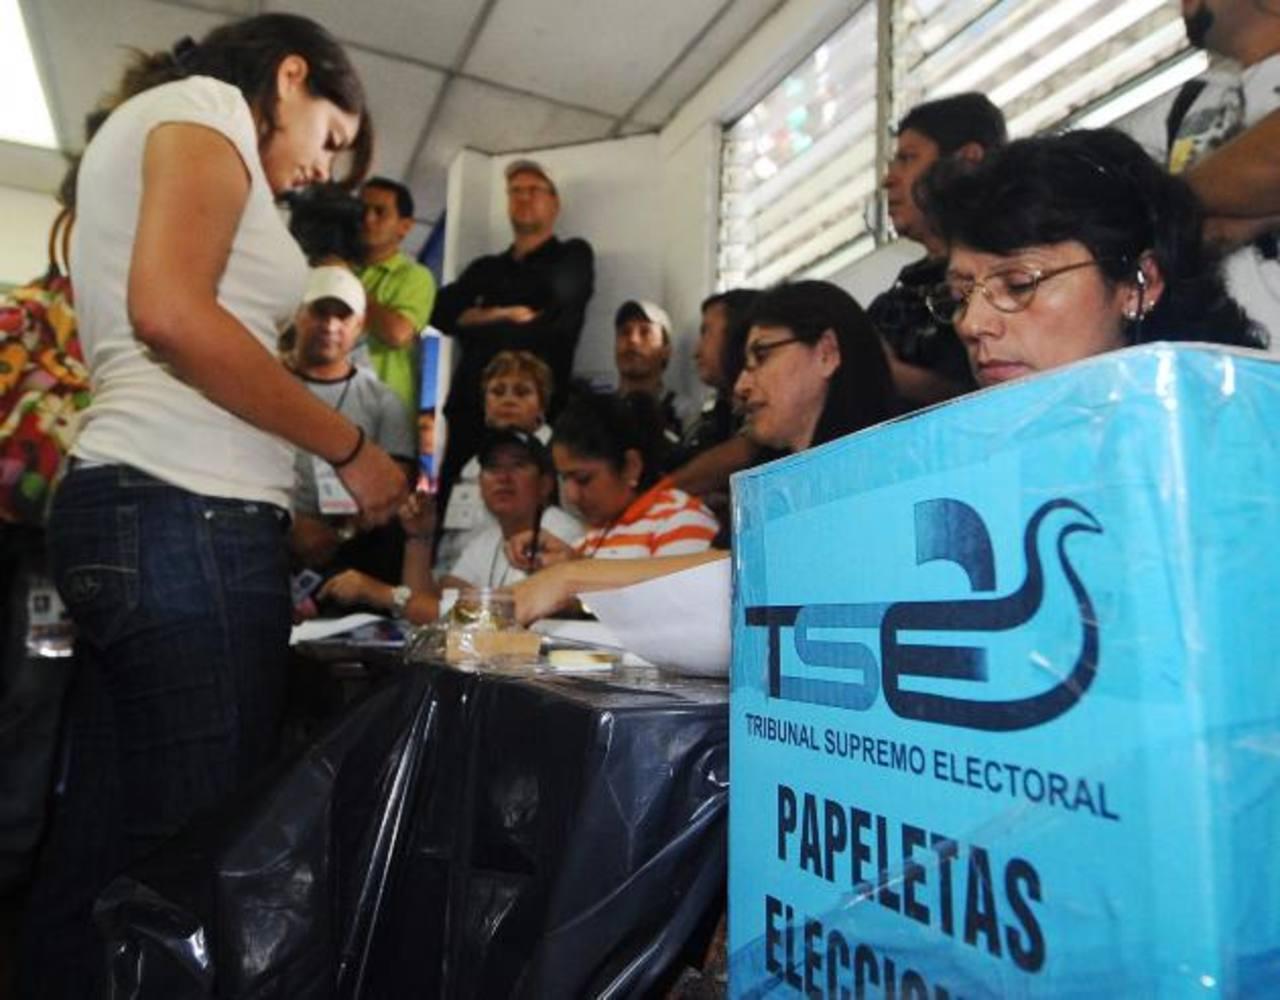 El 2 de febrero próximo los salvadoreños elegirán los gobernantes para el quinquenio 2014-2019. foto edh / archivo